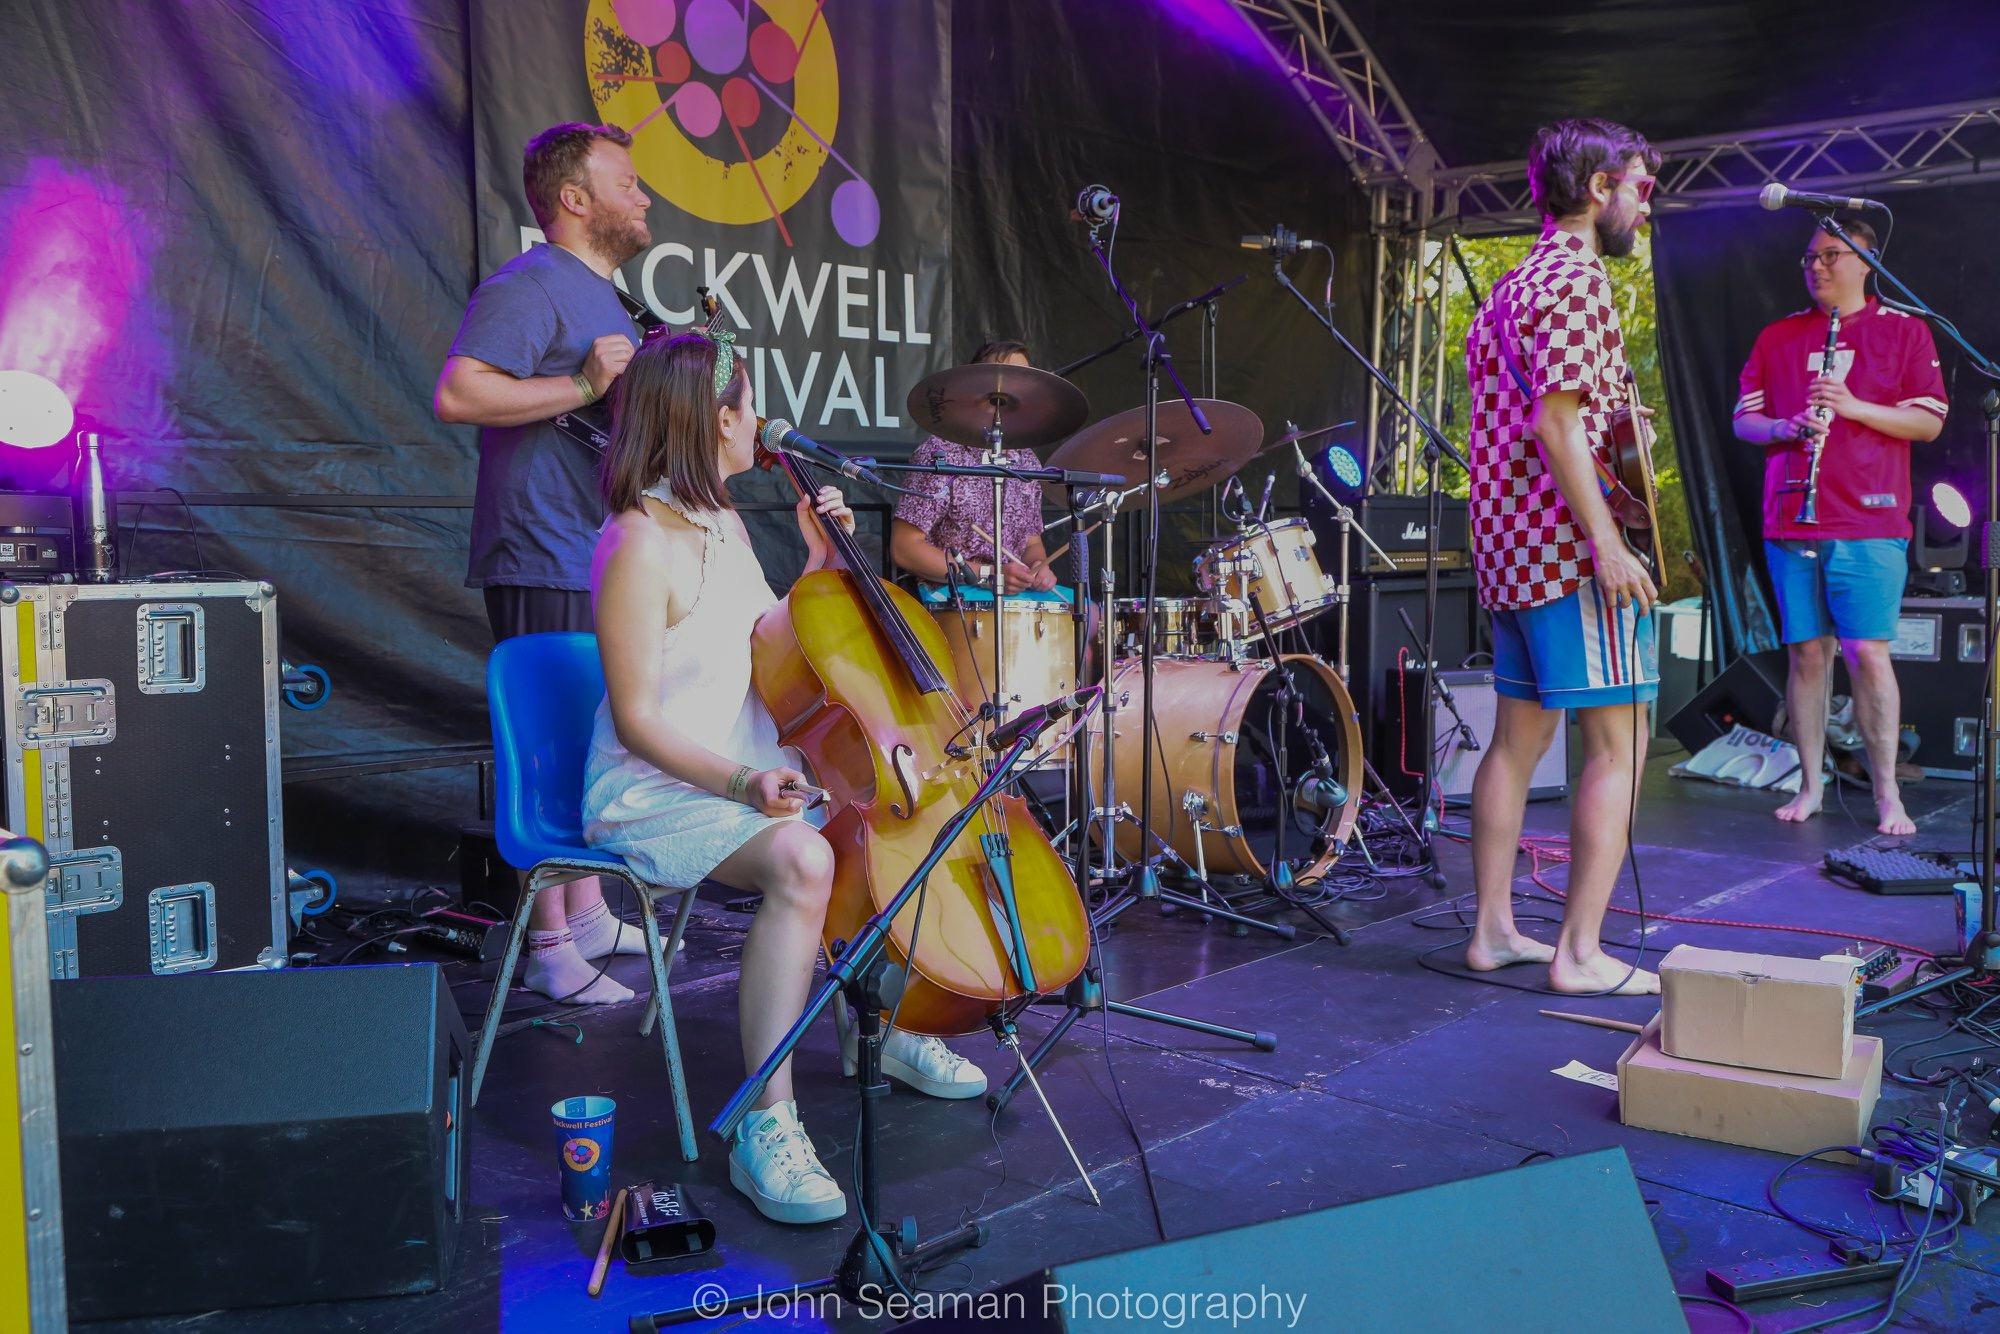 Backwell Festival